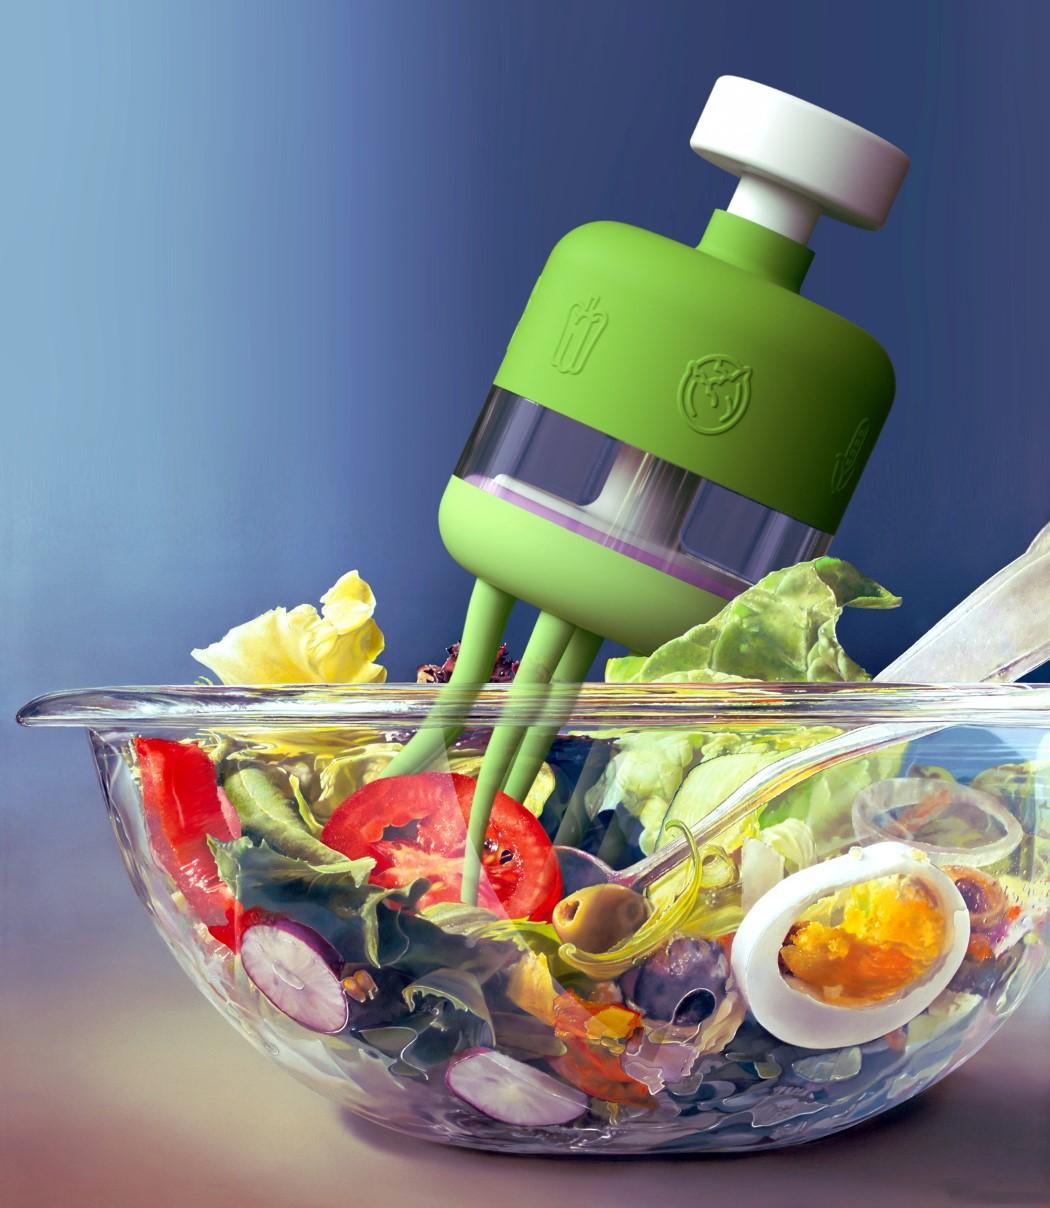 tada_salad_dresser_5